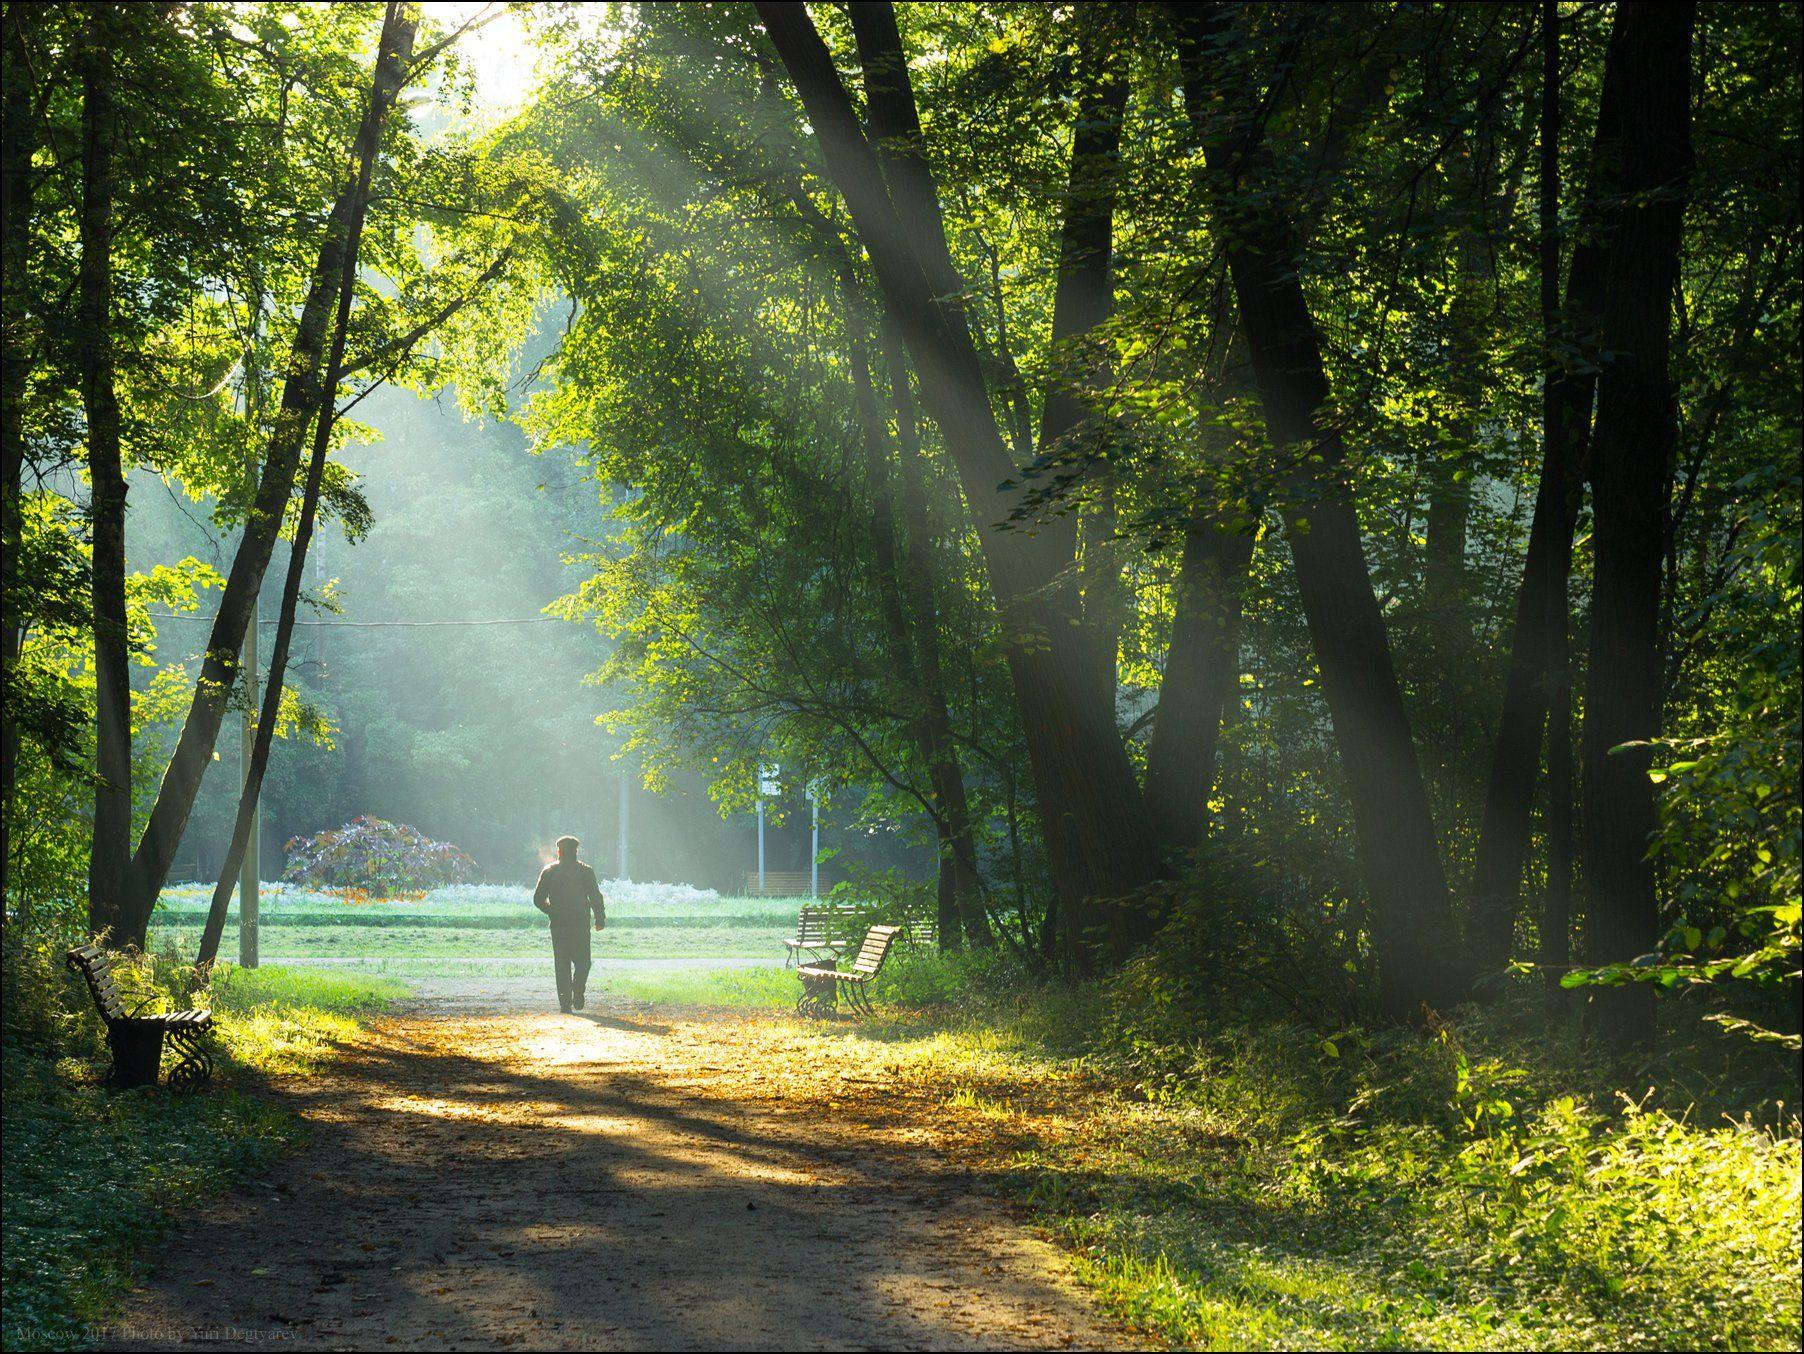 город, парк, Москва, Кузьминки, Выхино, Двенадцати, Лучей, утро, свет, тропинка, Юрий Дегтярёв